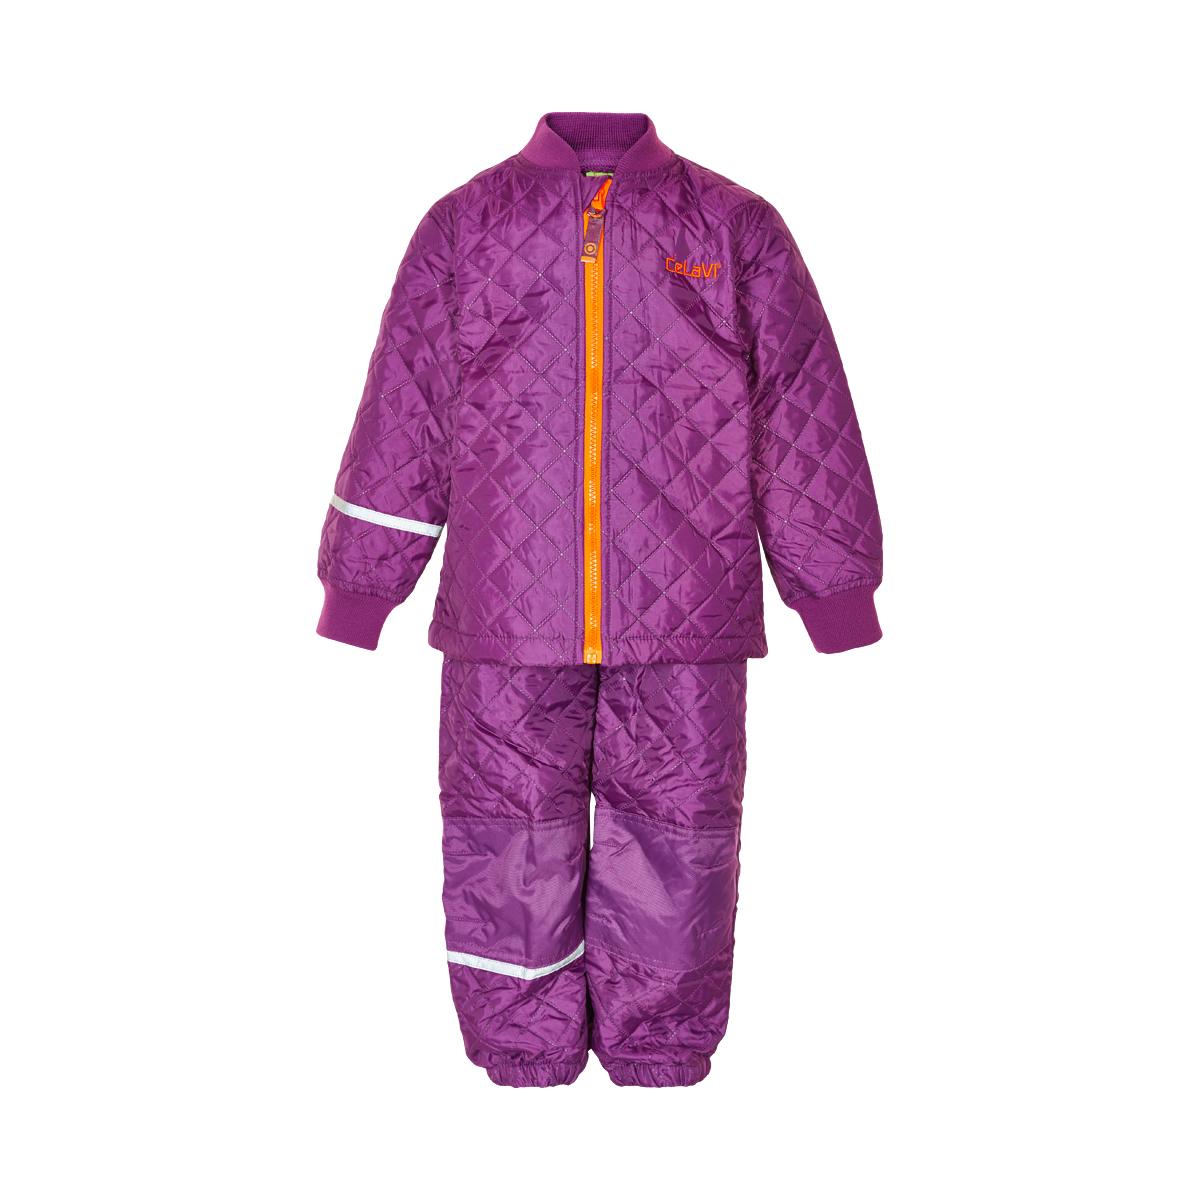 CeLaVi dětský termo oblek 3555-631